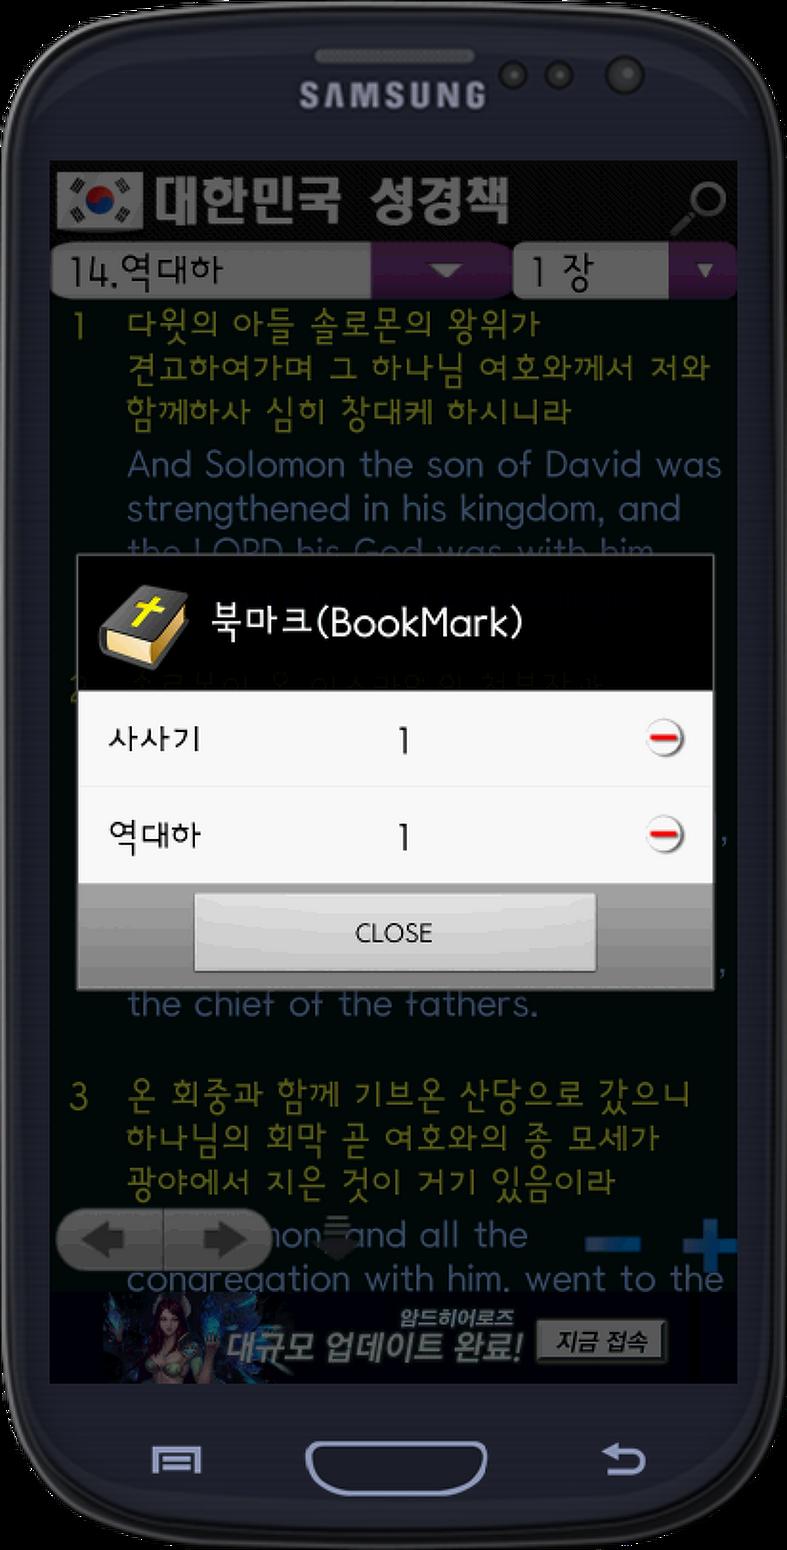 성경책&찬송가 19.3 버전업데이트 알림 (2013년 3월 11일)